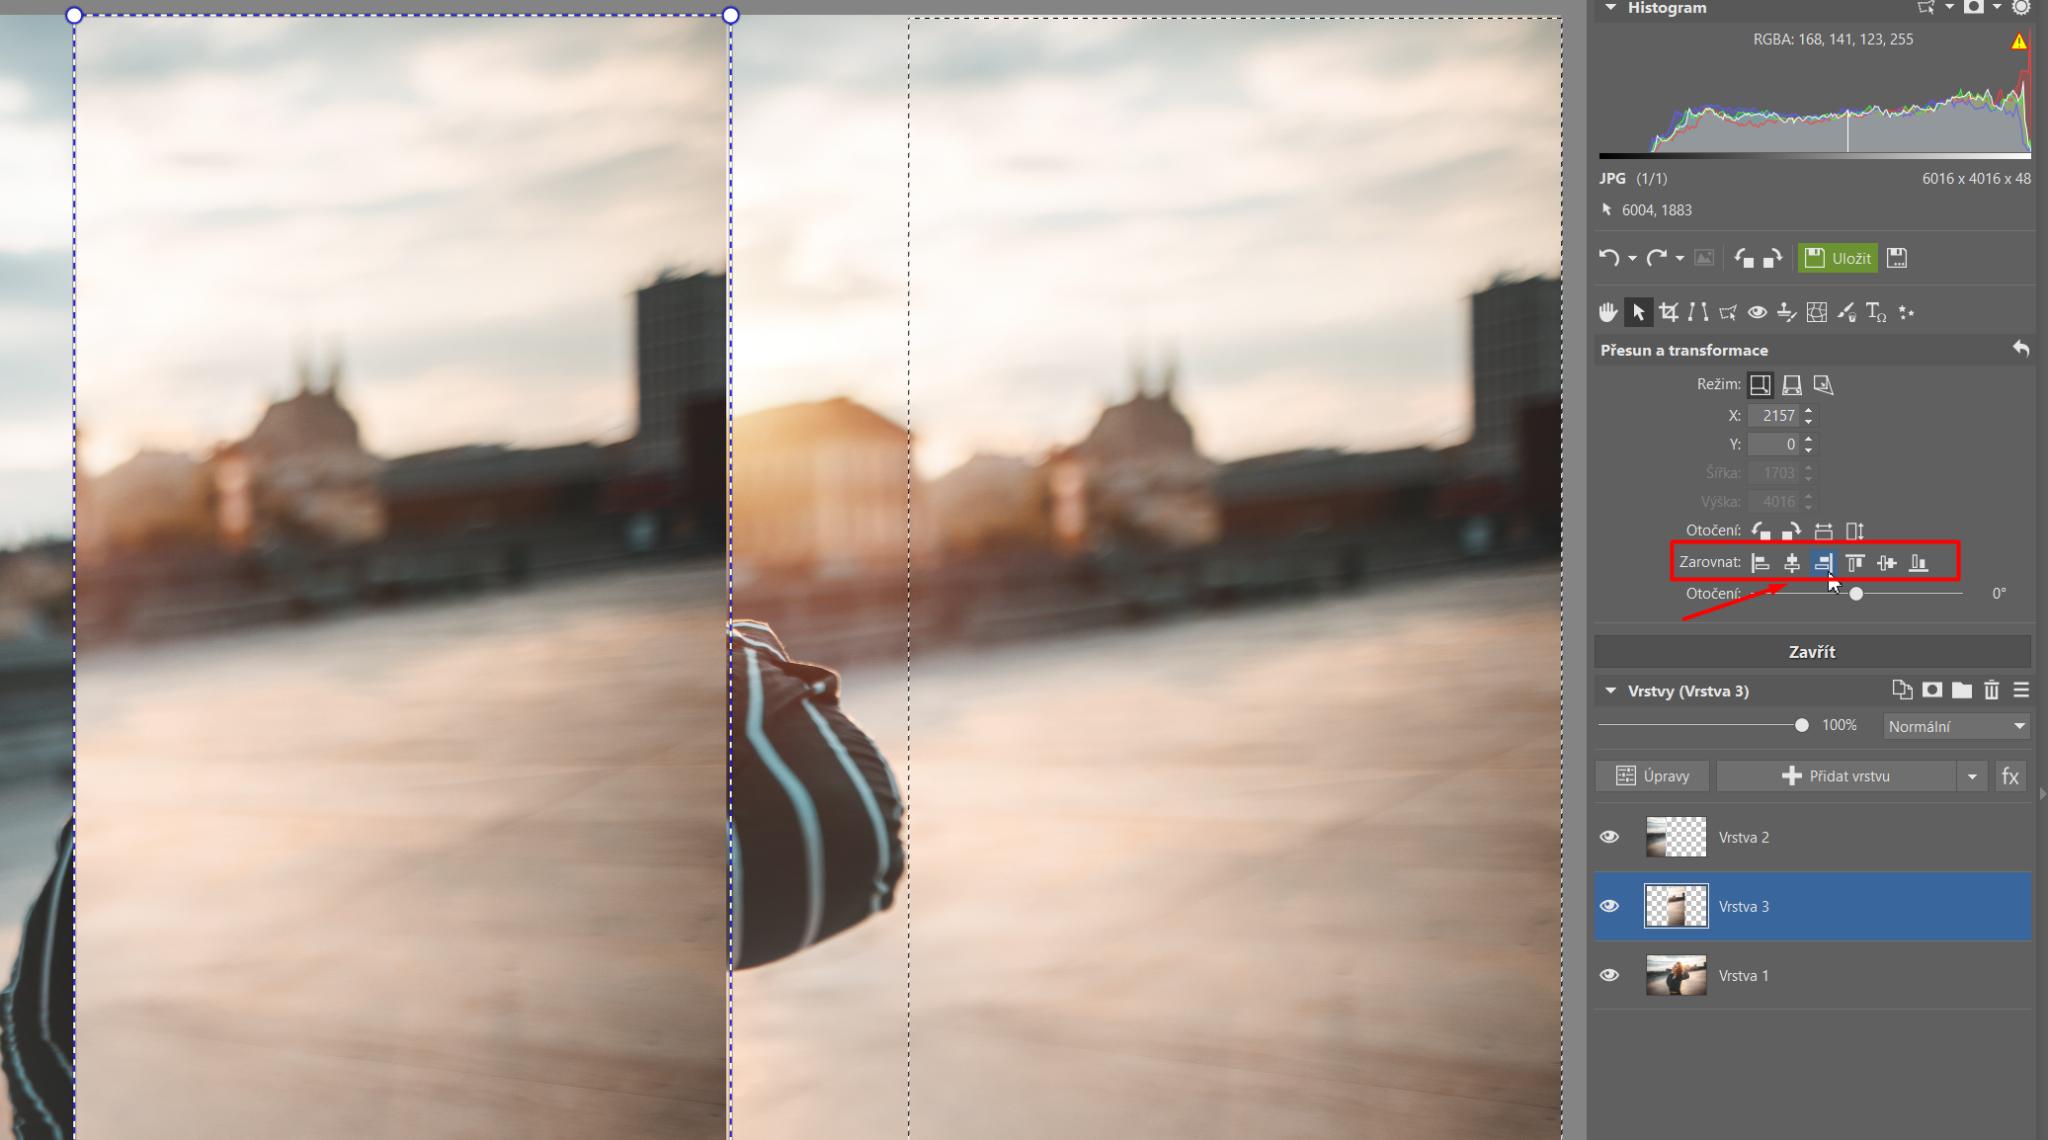 Roztáhněte si fotku do širokého formátu - zarovnání vrstvy ke kraji